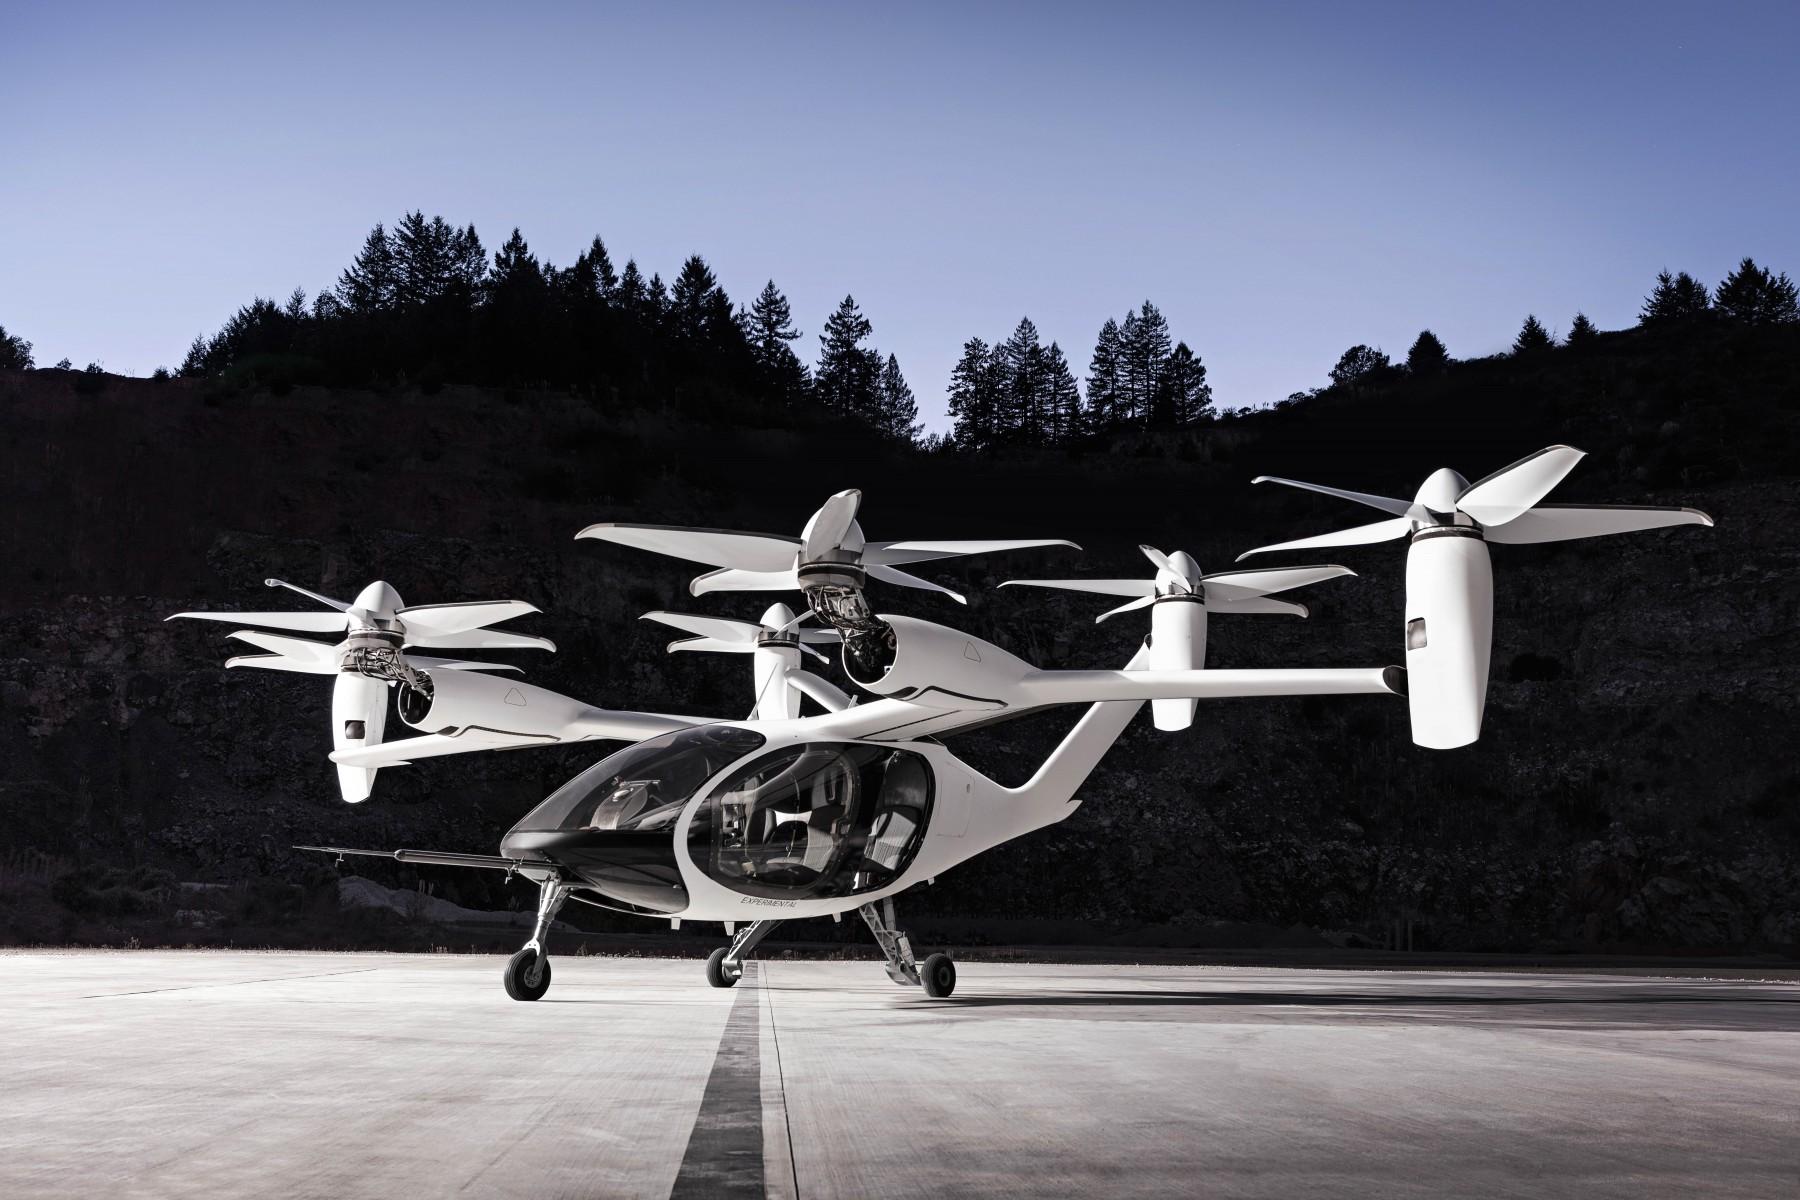 Toyota et Joby Aviation volent de concert vers de nouveaux horizons